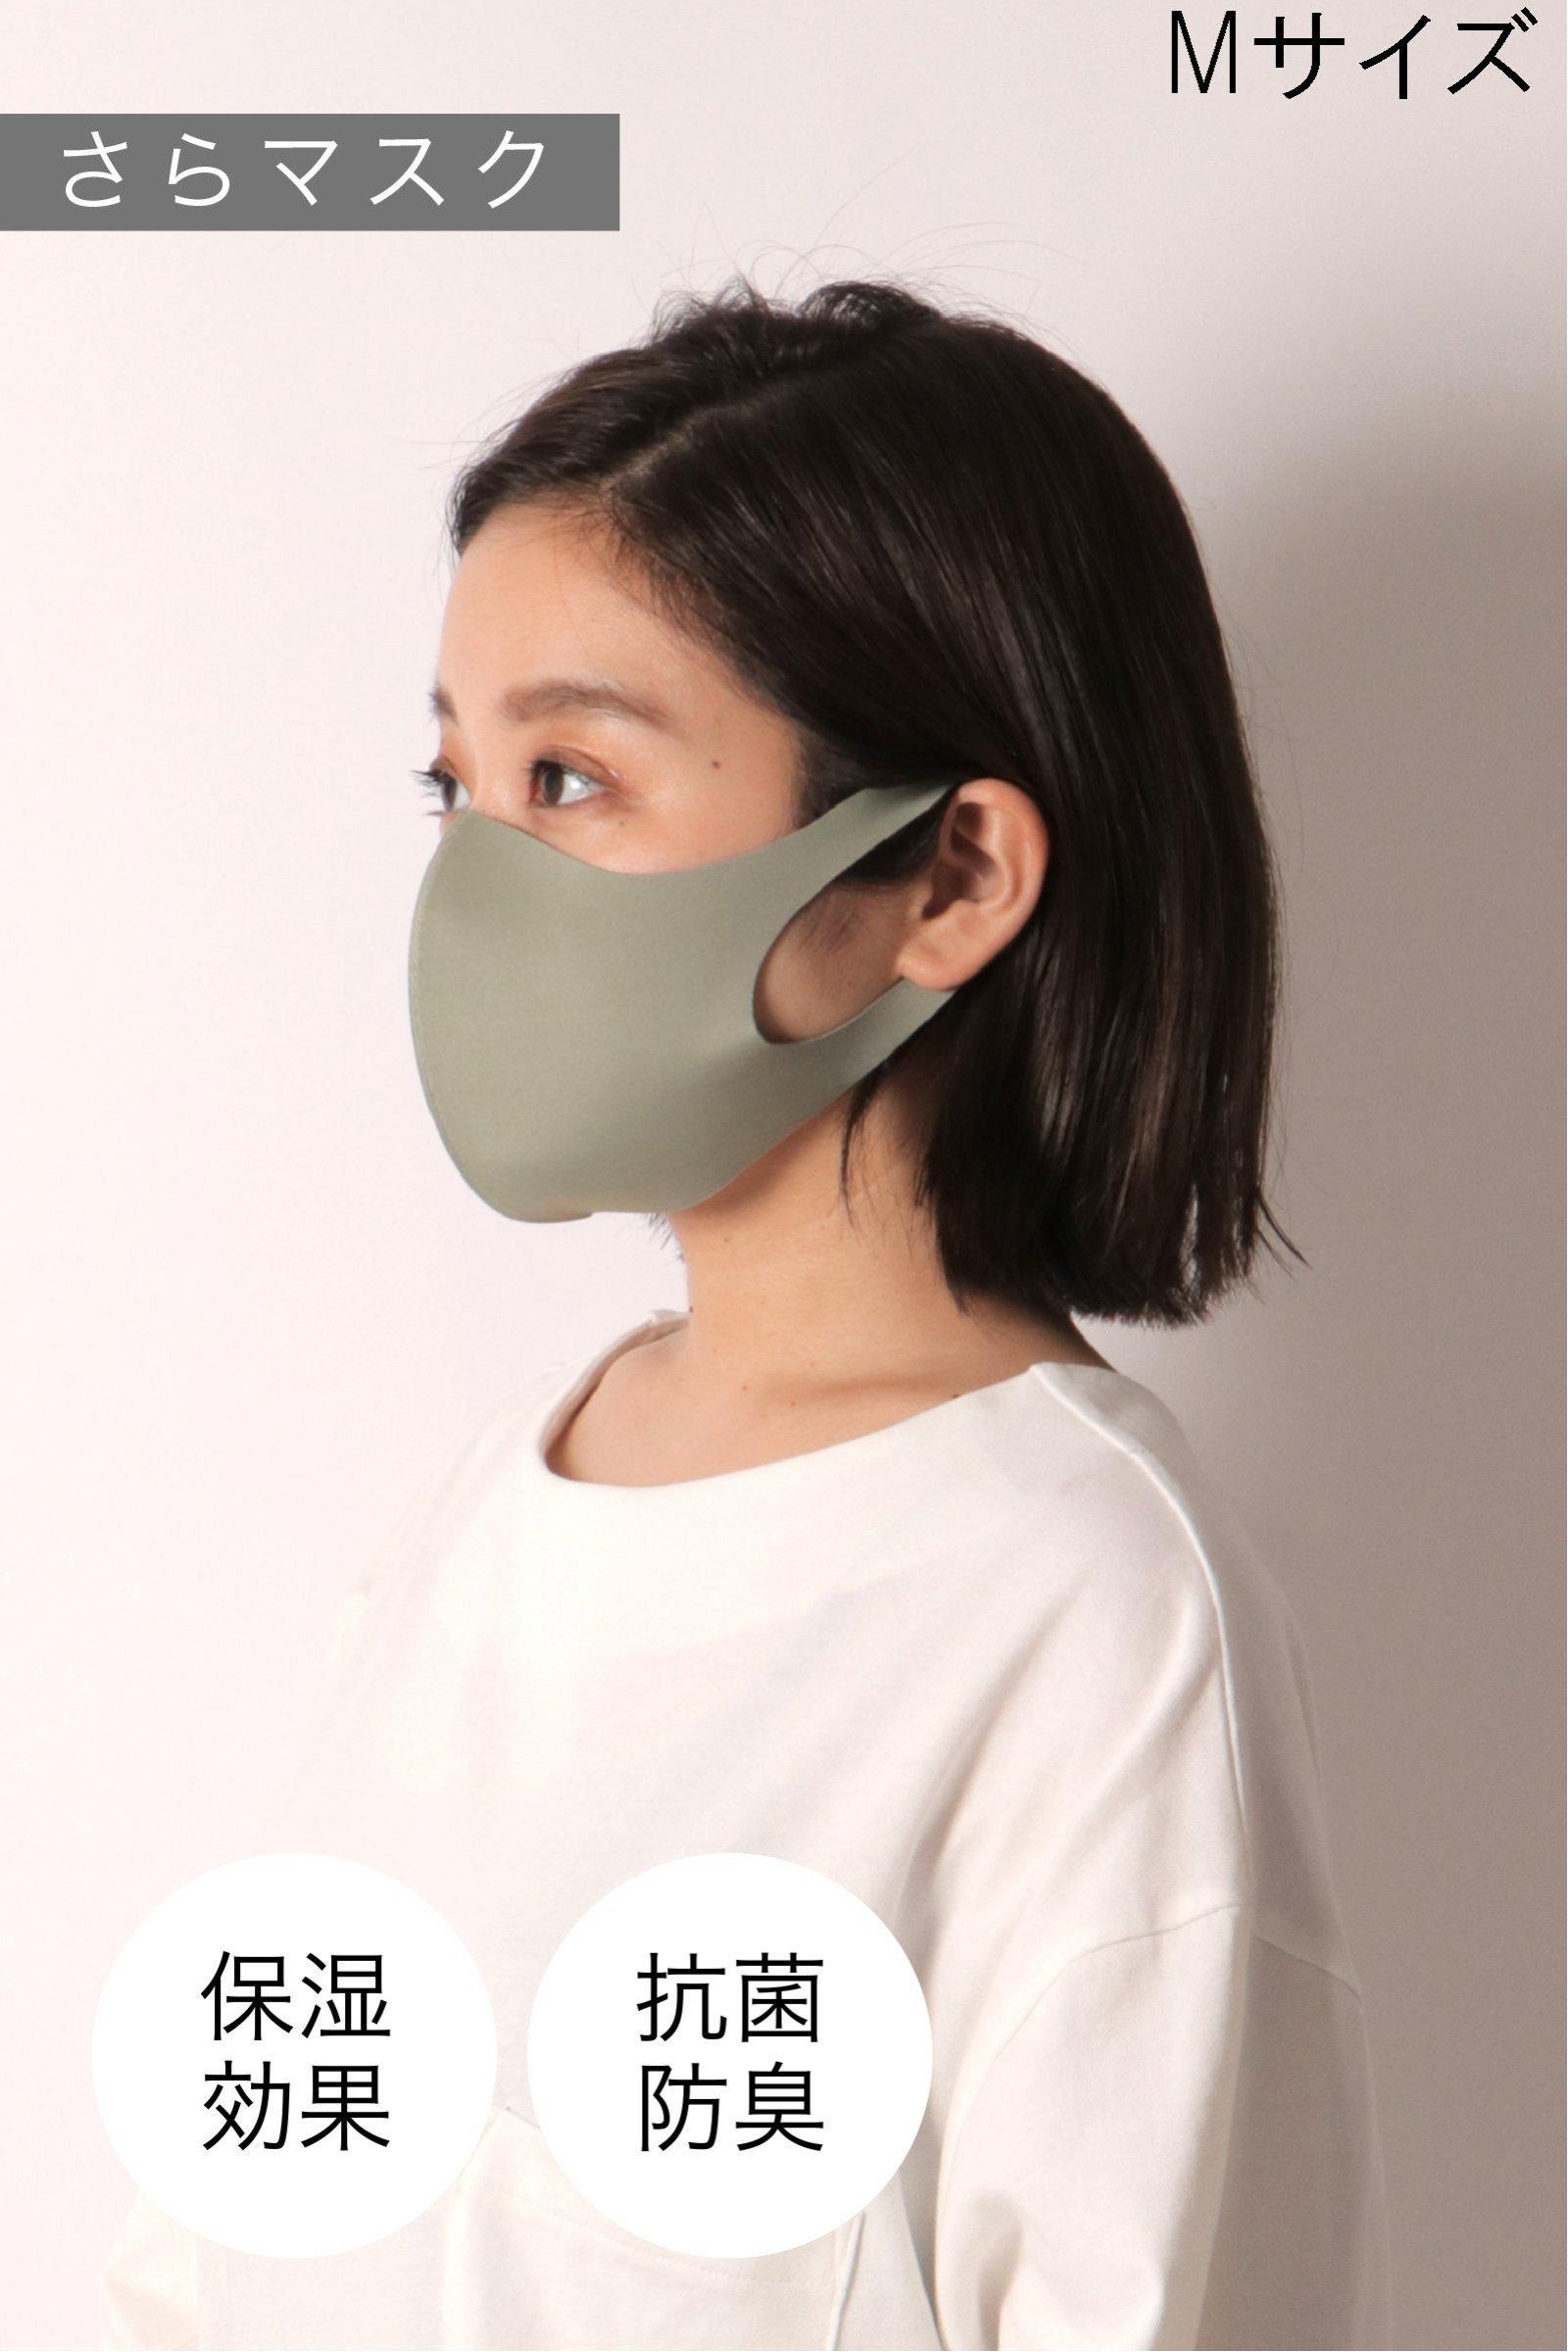 【おとな用】 さらマスク オリーブ